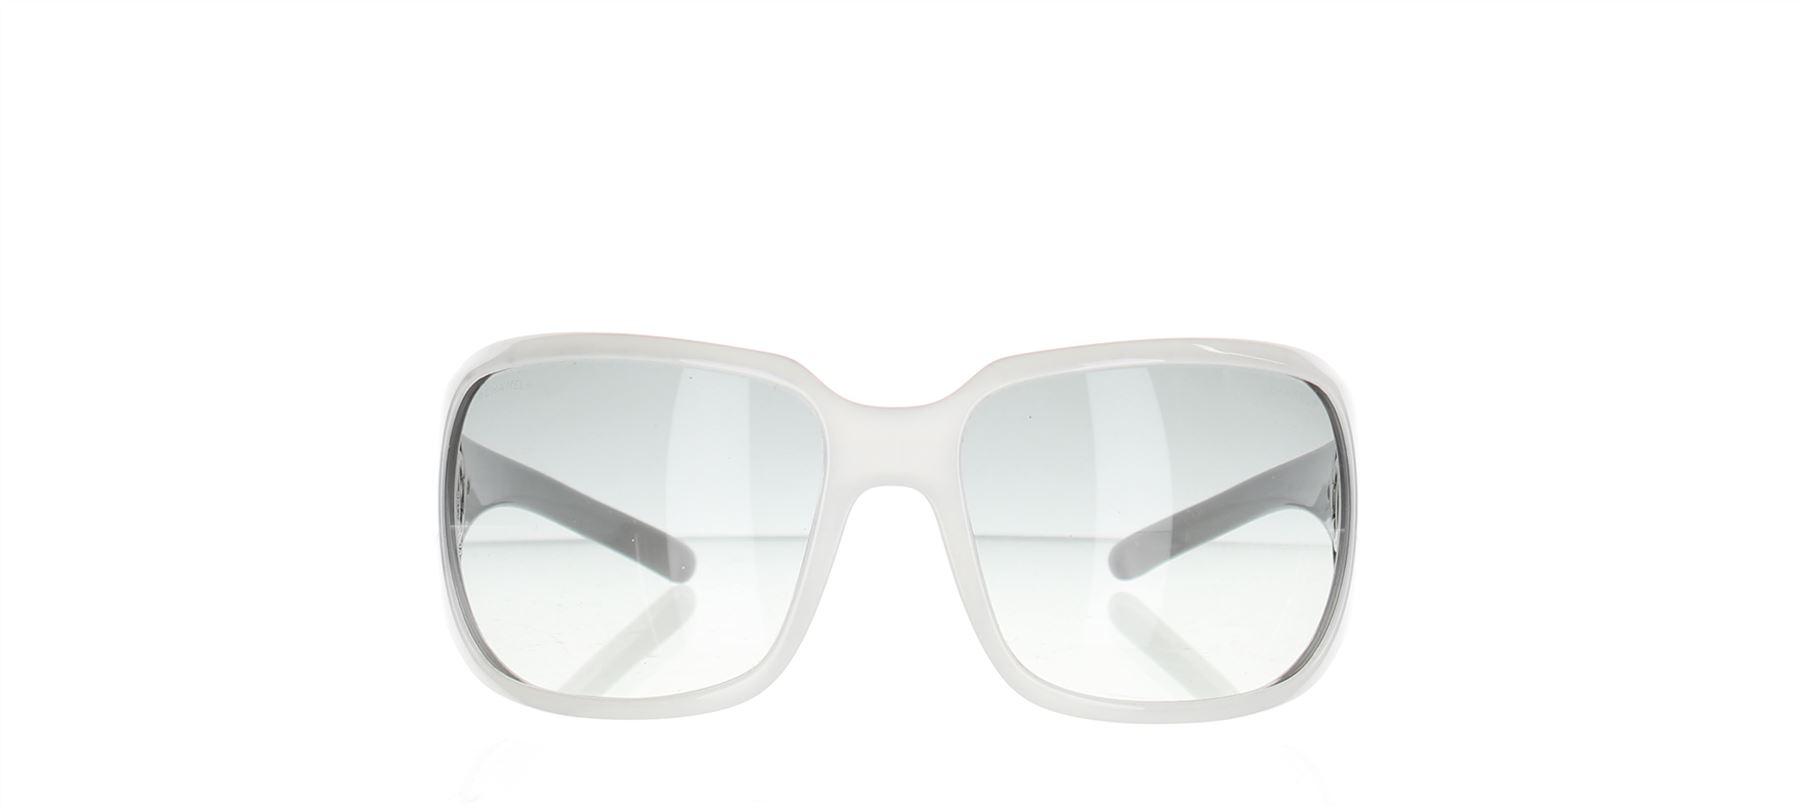 7764c1e55f Dettagli su CHANEL Oversized 6023 Occhiali da sole bianchi d'argento , 2.25  X 6